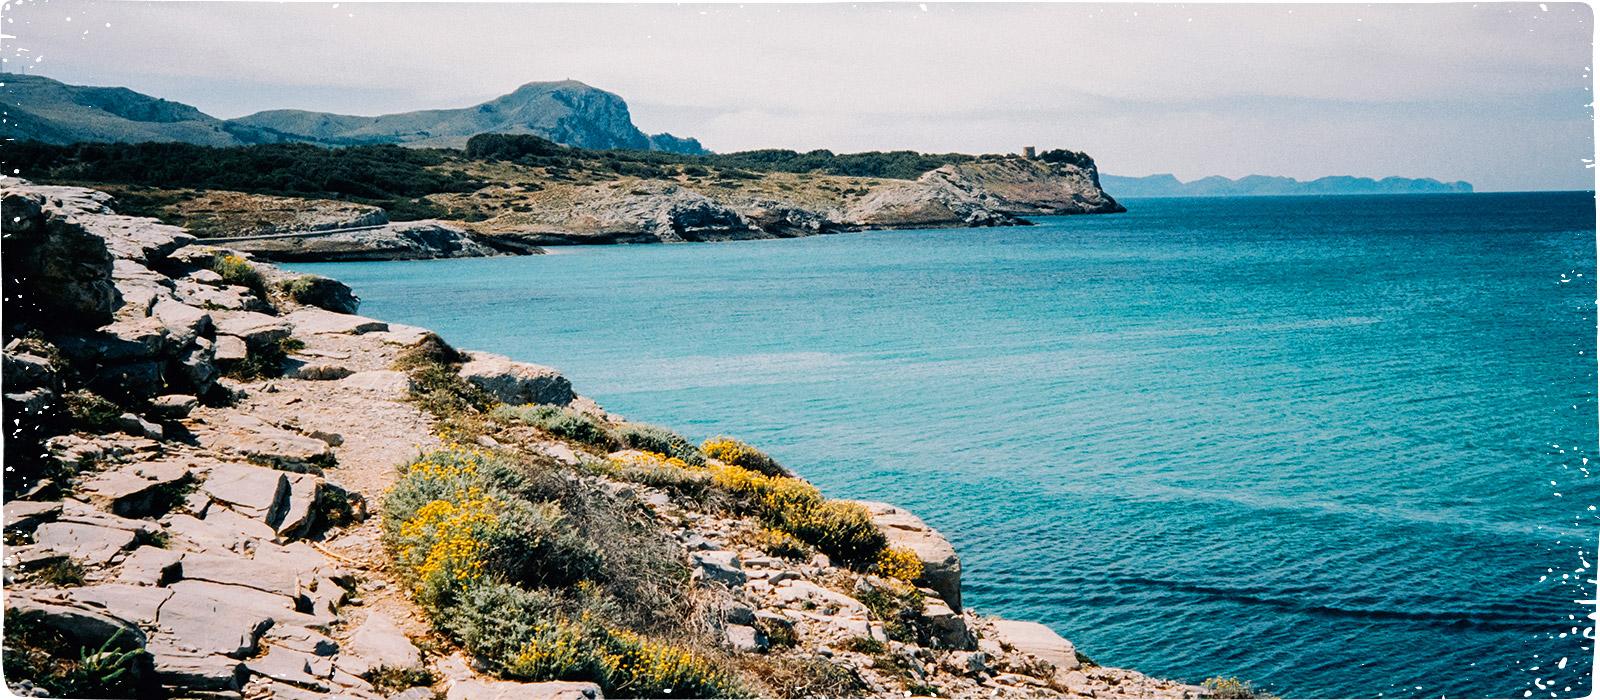 ISLOS Griechenland Meer